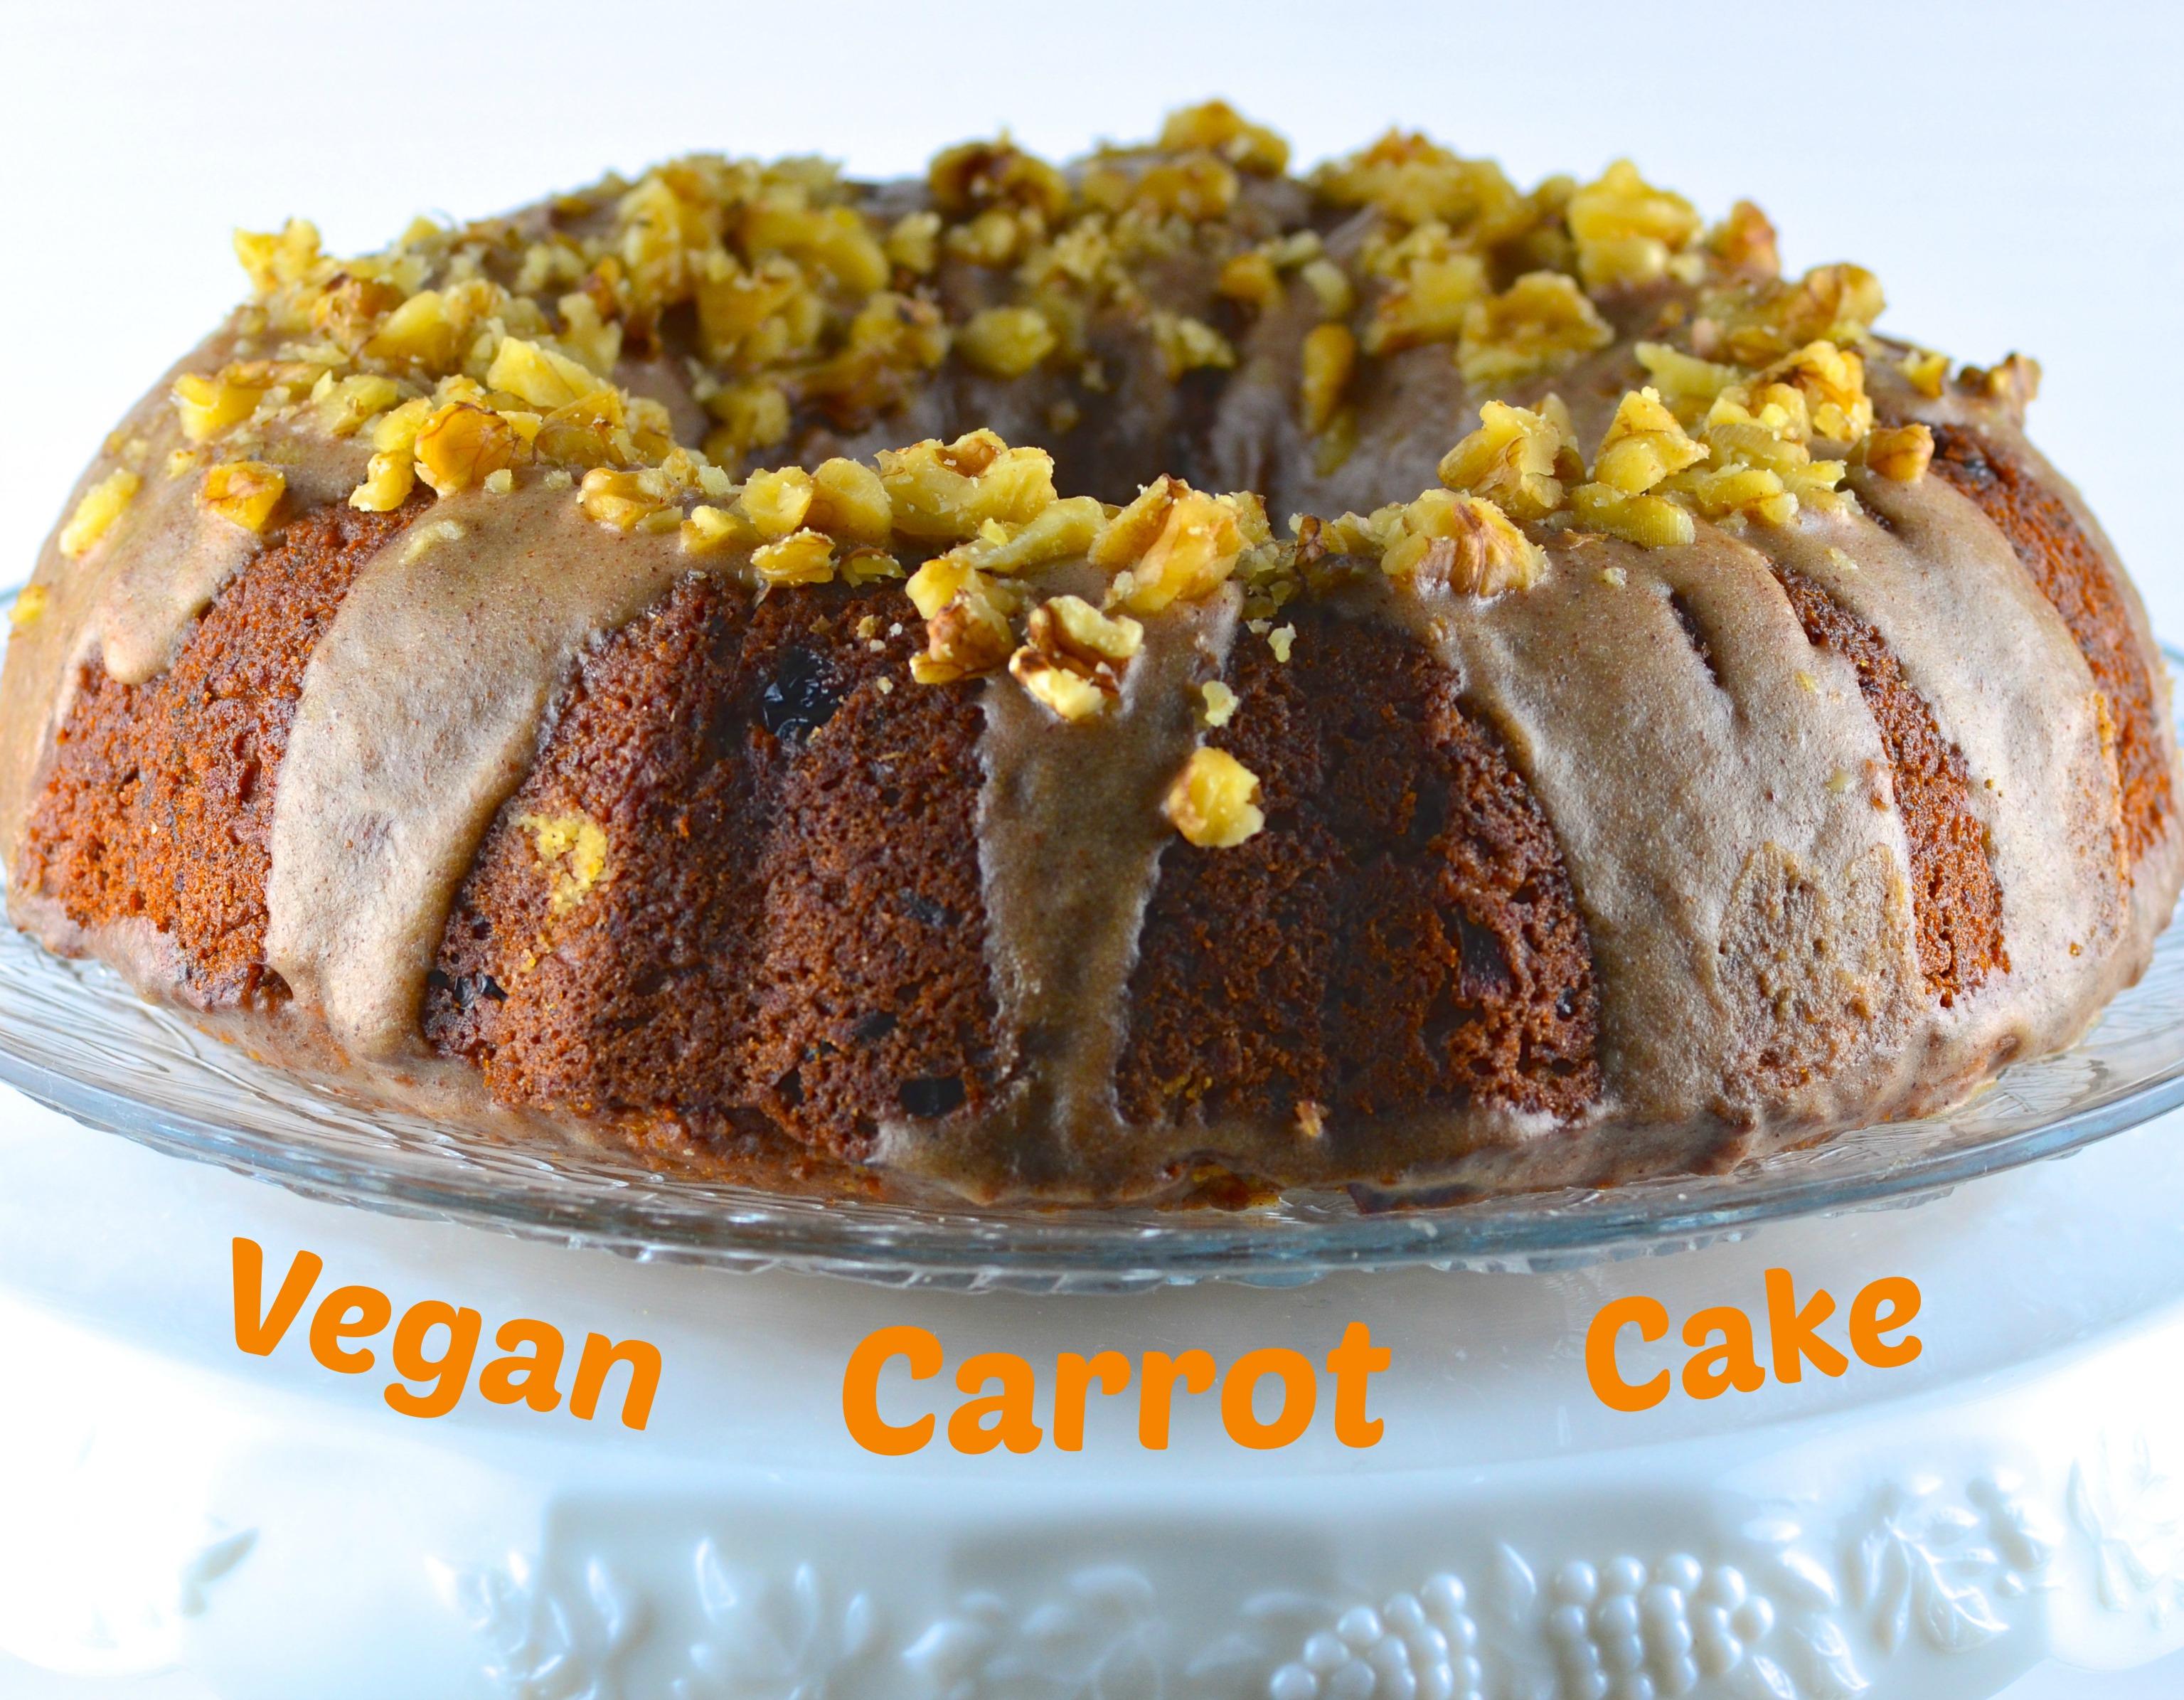 Vegan Rainbow Carrot Bundt Cake